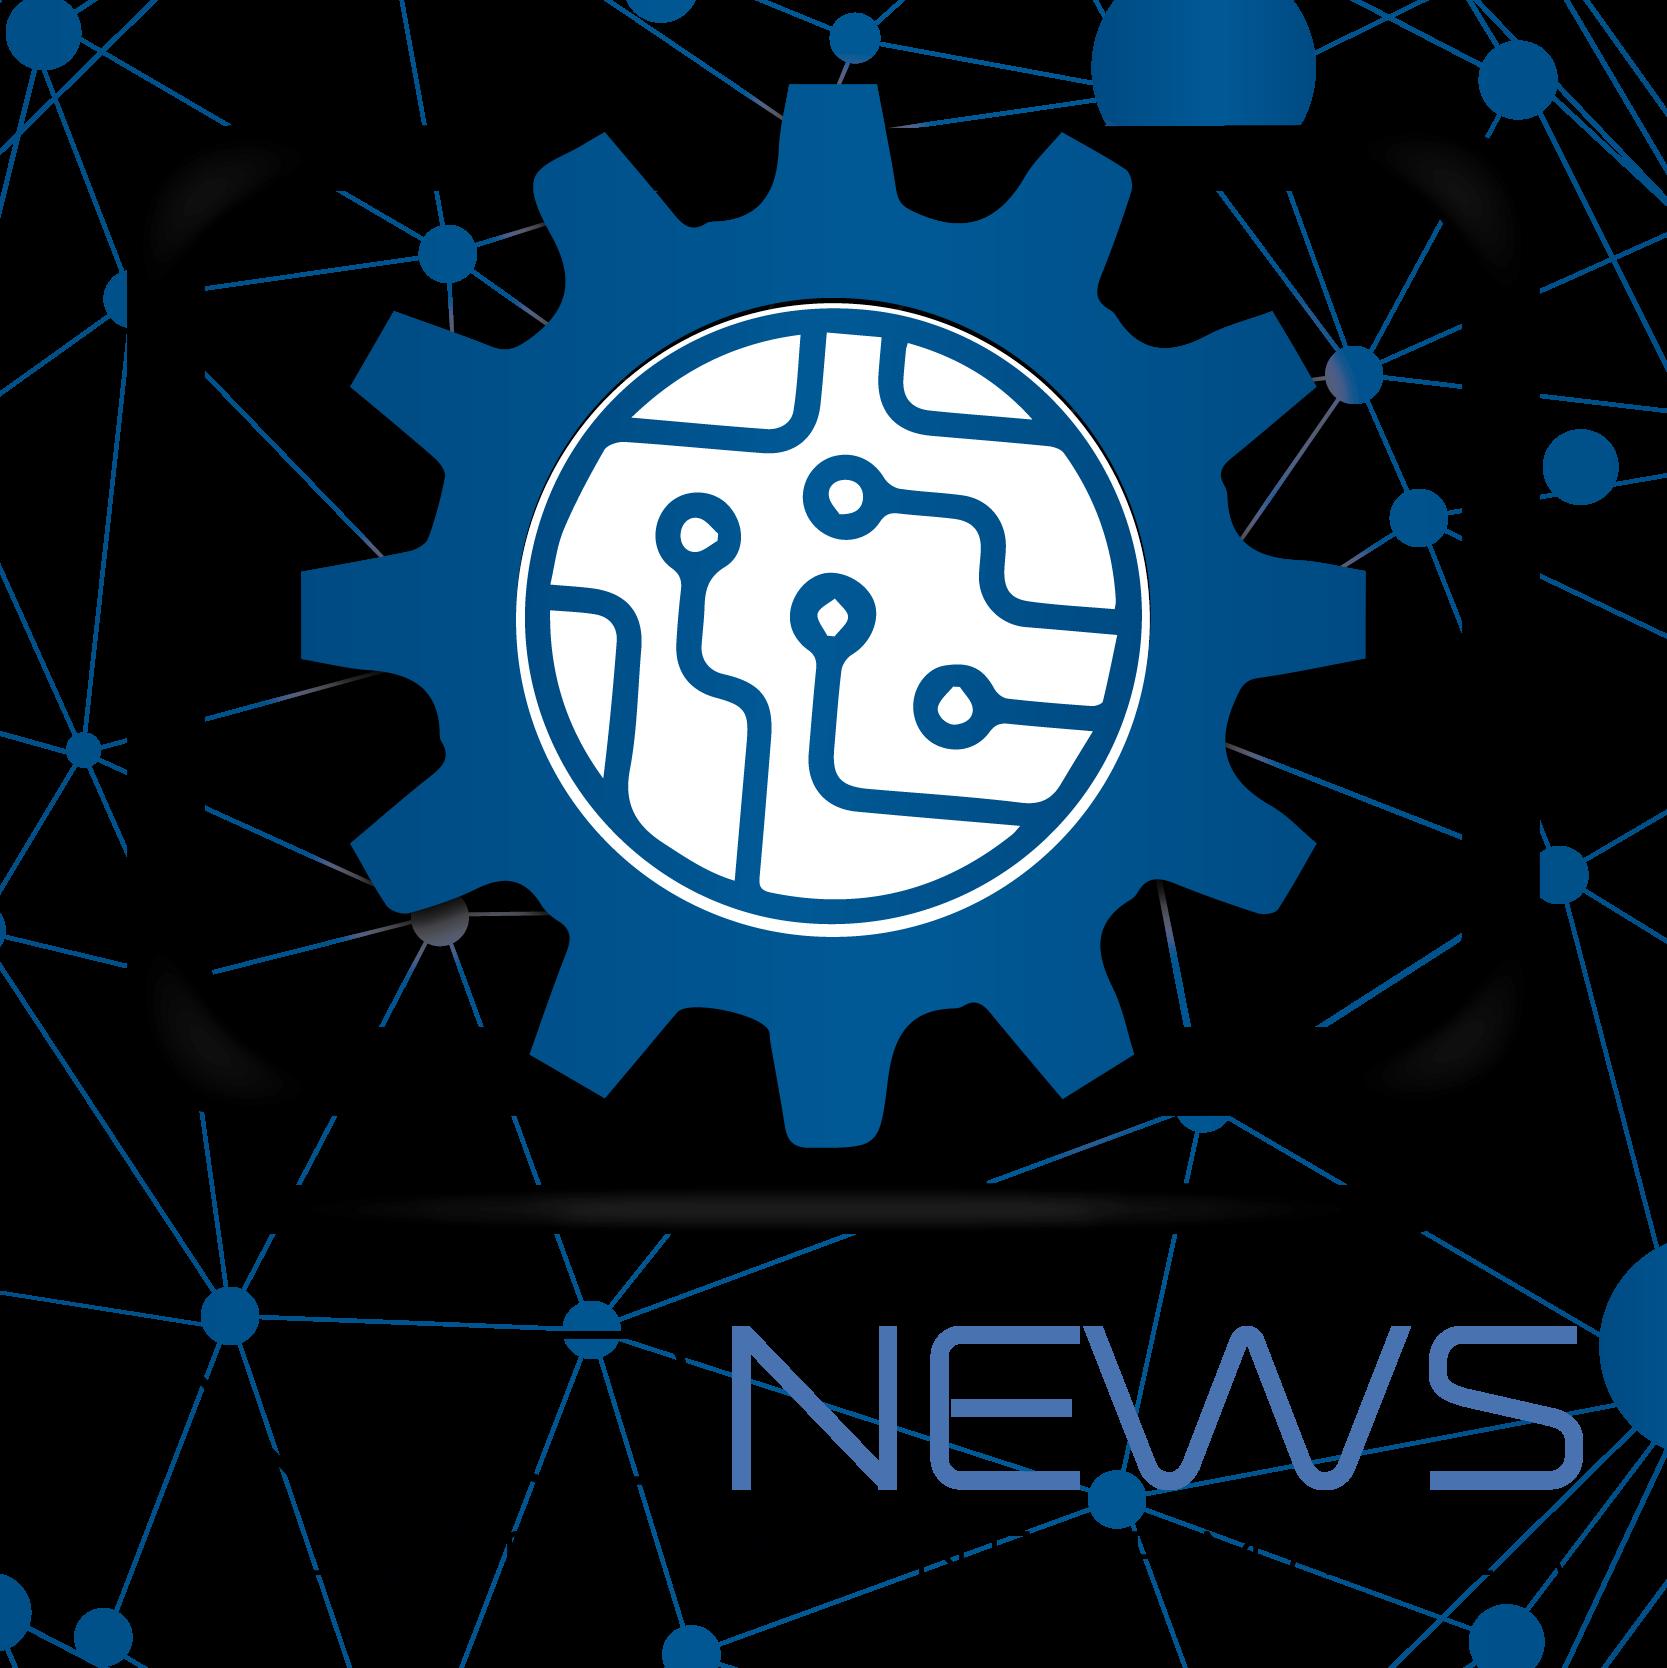 Infonews Soluções em Informática